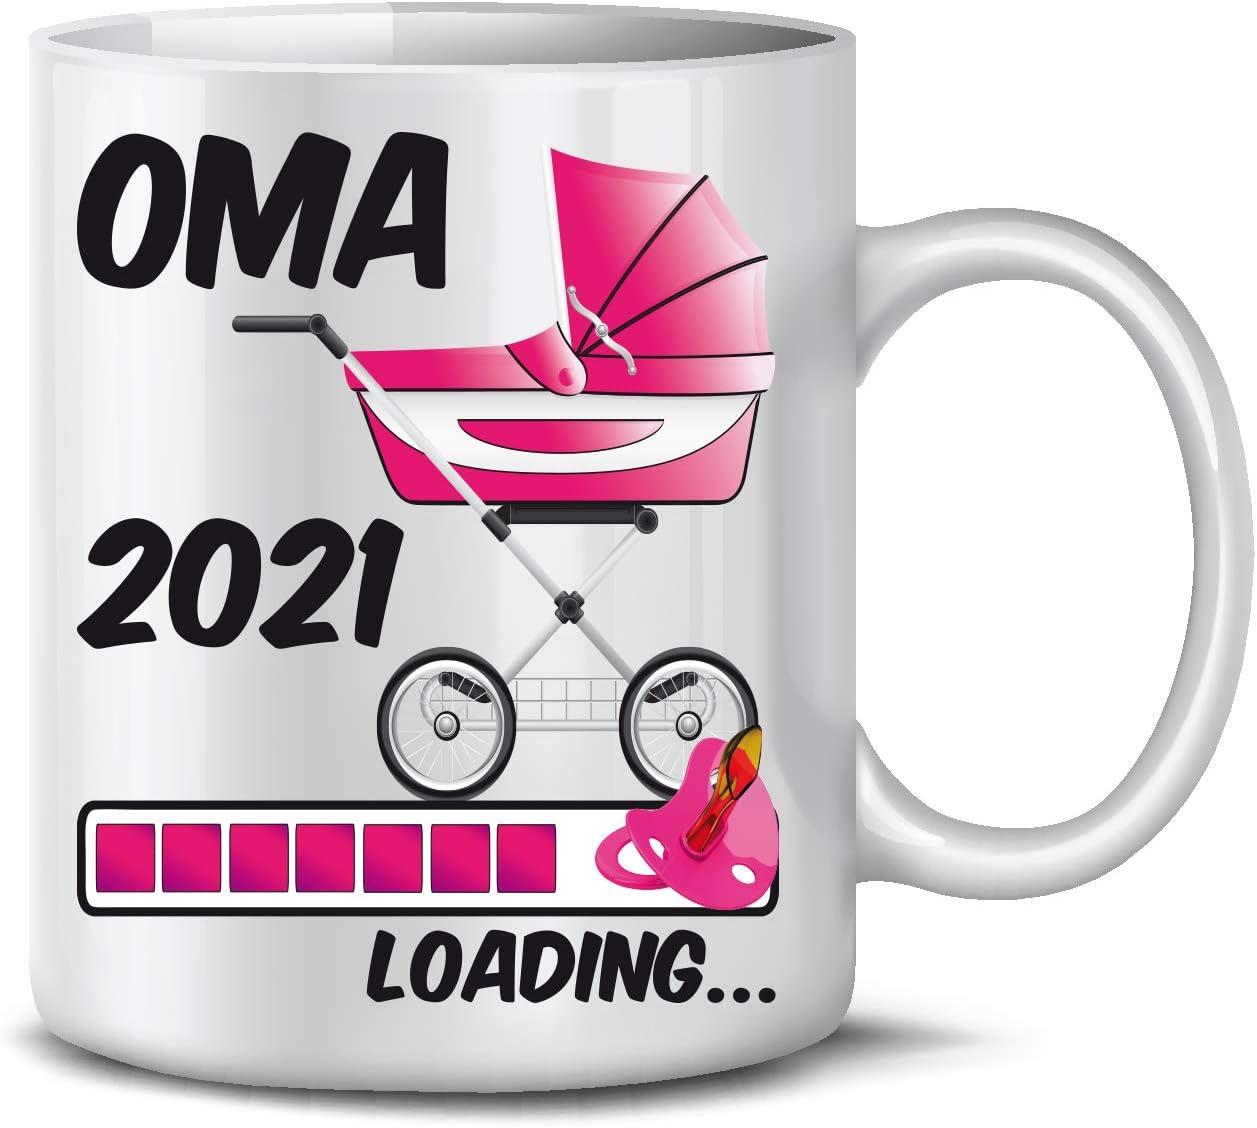 Rosa Baby beidseitig Bedruckt Mama Loading 2021 Geschenk Tasse TassenTicker Schwangere Kaffeetasse Geschenk werdende Mutter